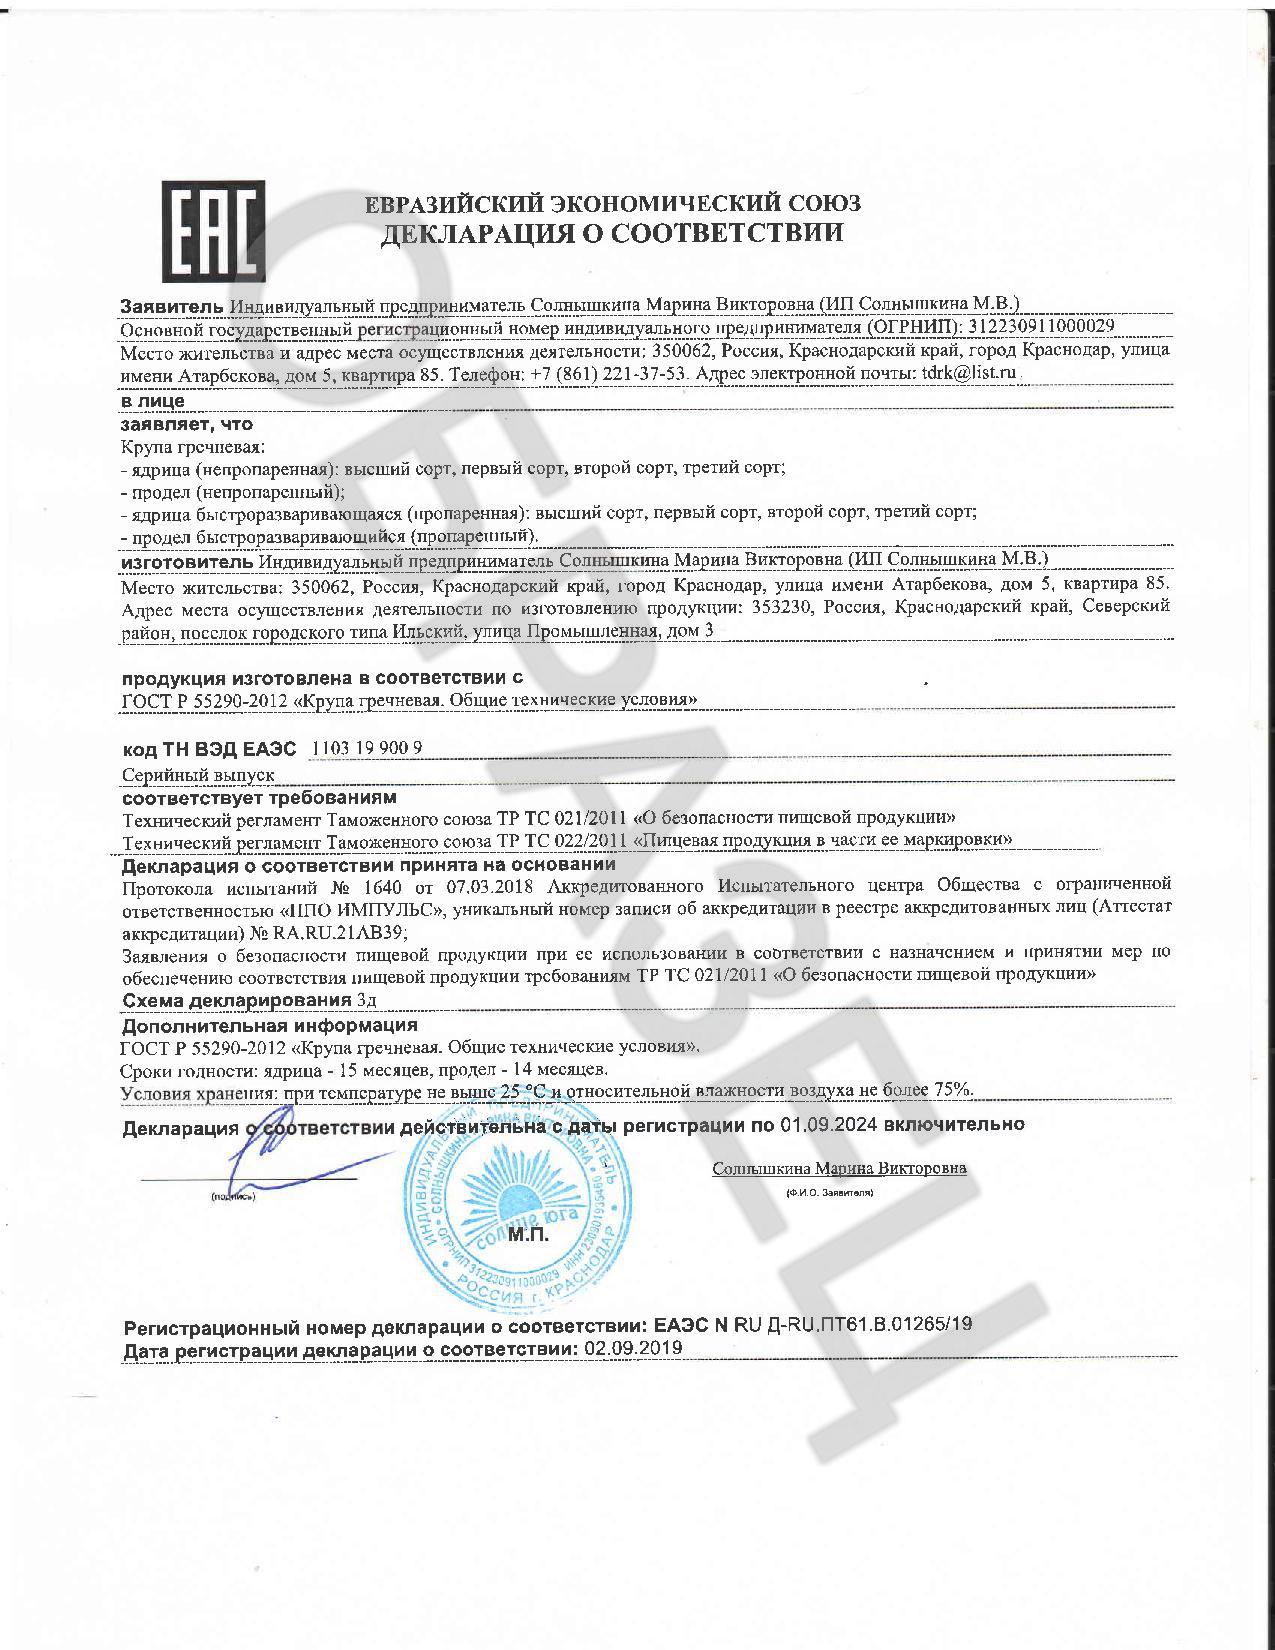 Крупа гречневая. Общие технические условия. ГОСТ Р 55290-2012